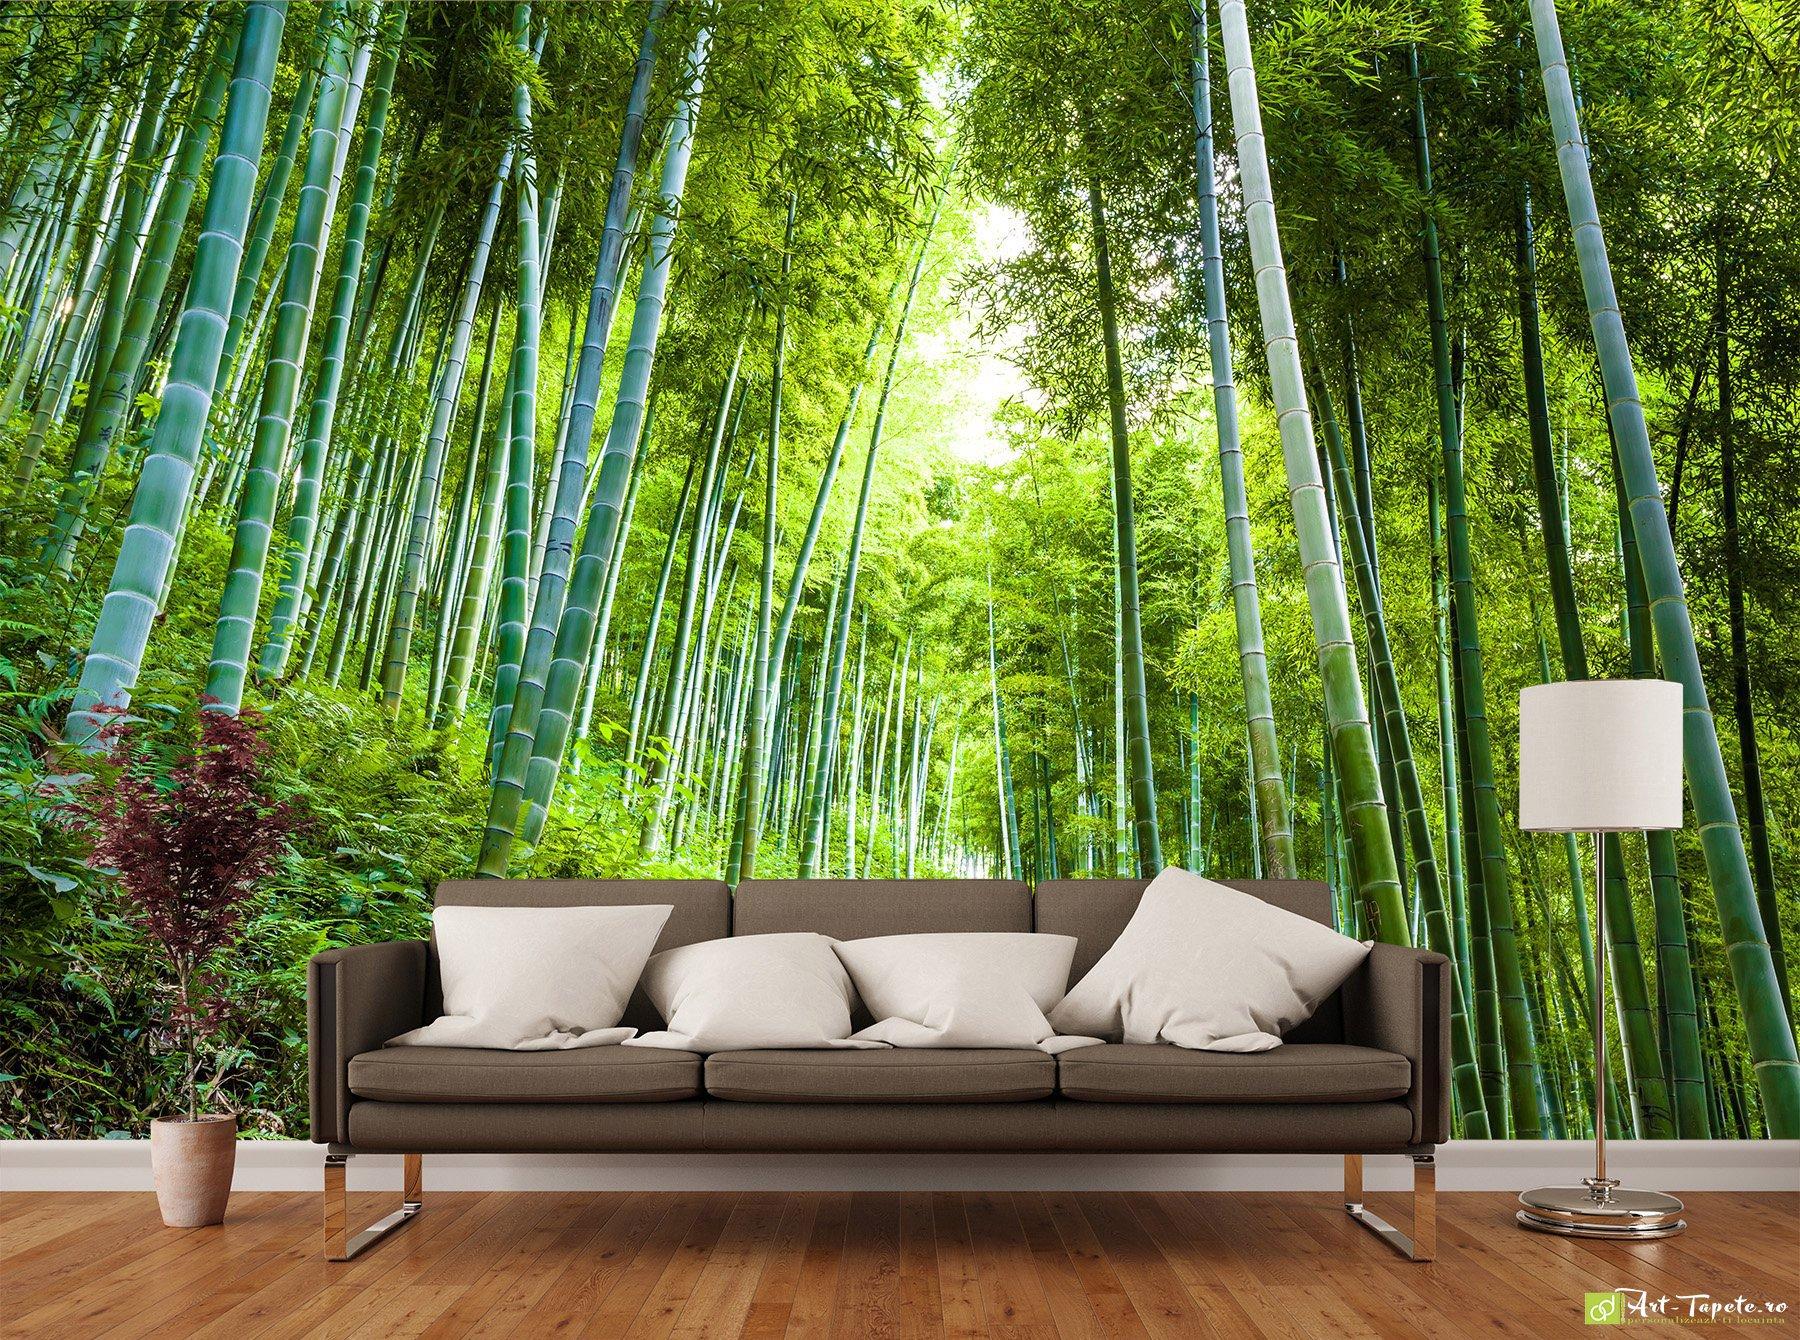 Nature Wallpaper Wall Murals Bamboo Forest Fototapetart Photo